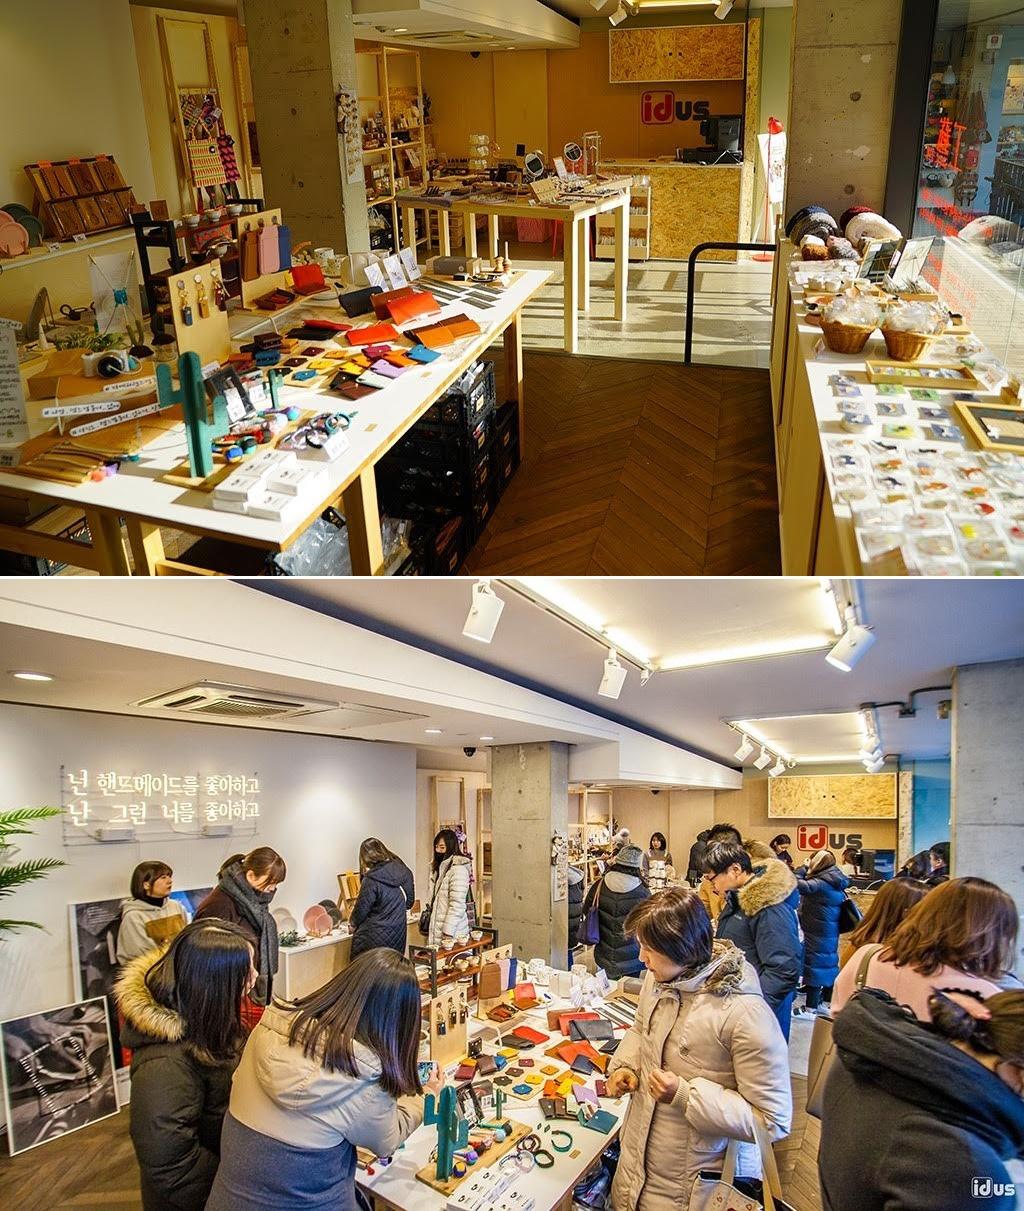 '아이디어스', 쌈지길에 수공예품 전문 오프라인 스토어 오픈